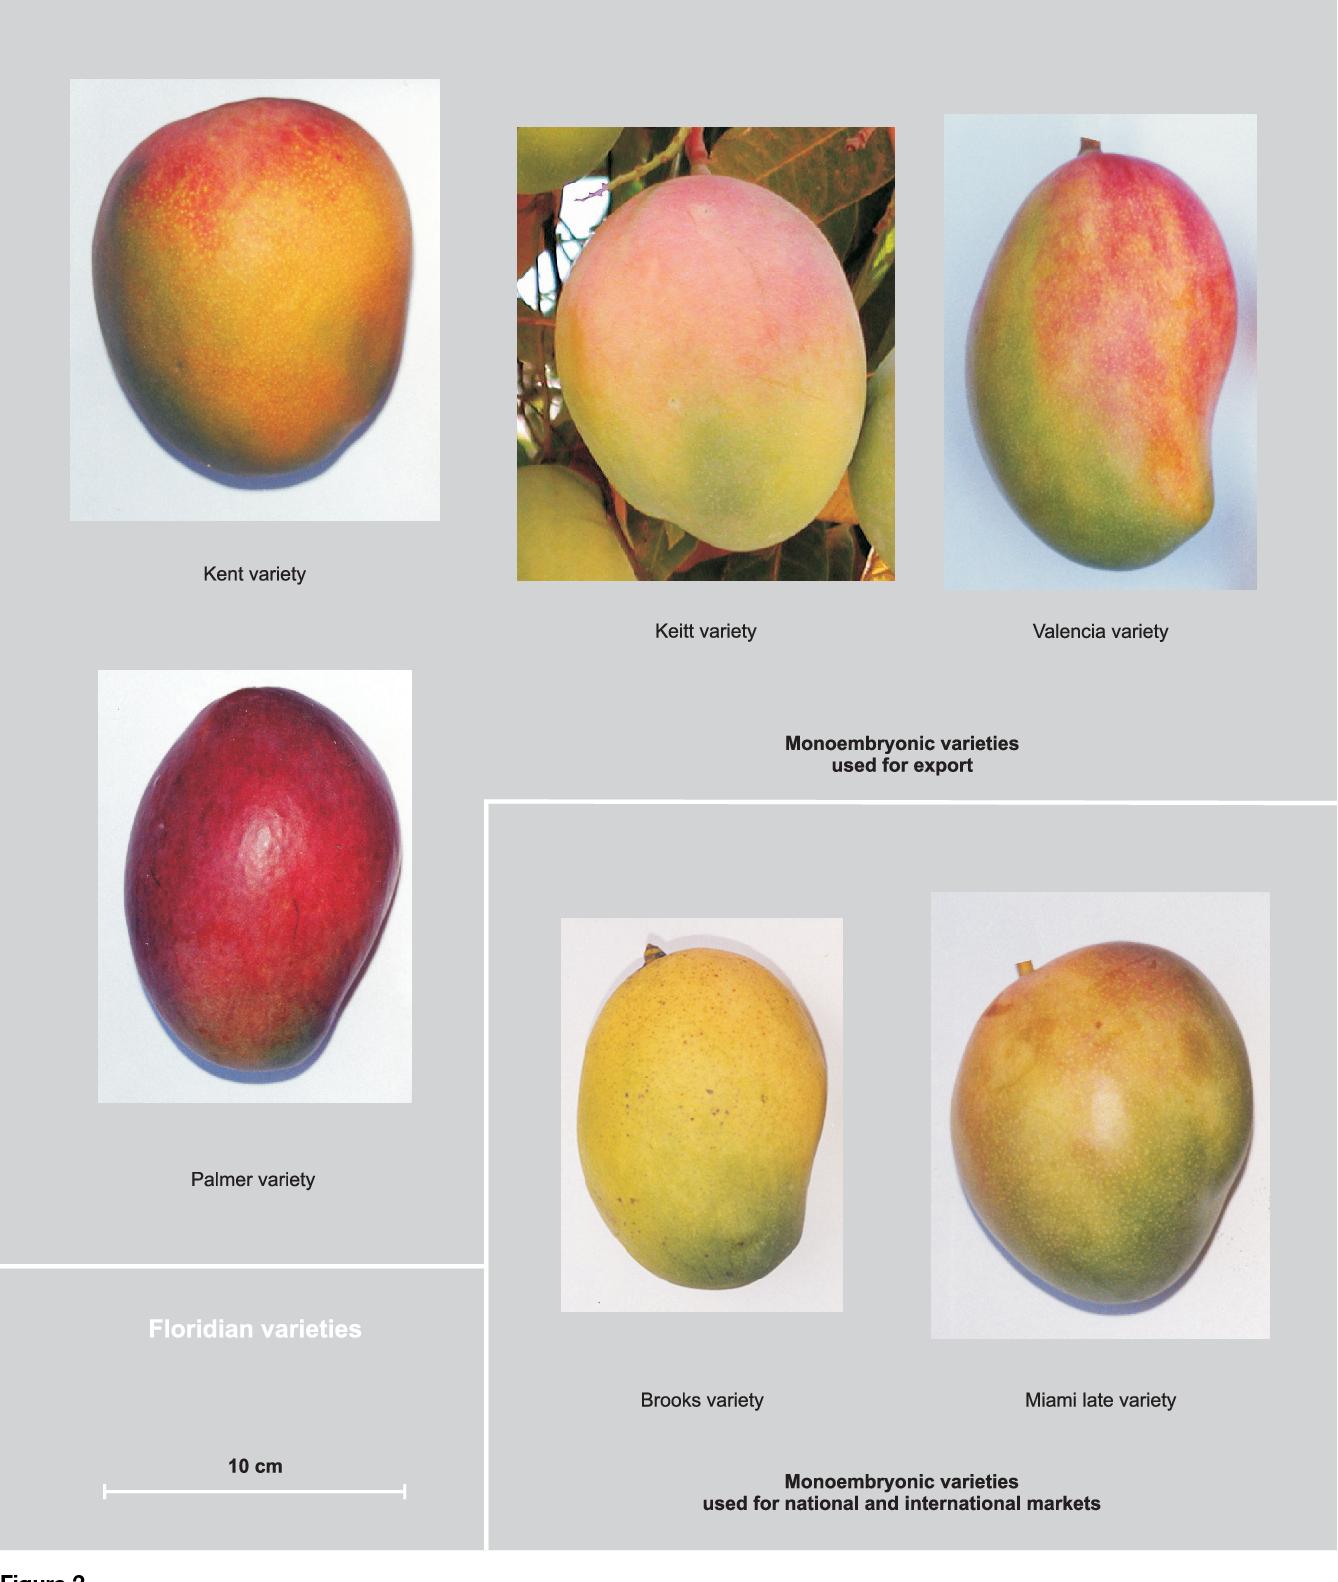 dernières conceptions diversifiées dernier style de 2019 site professionnel Figure 2 from The mango in French-speaking West Africa ...